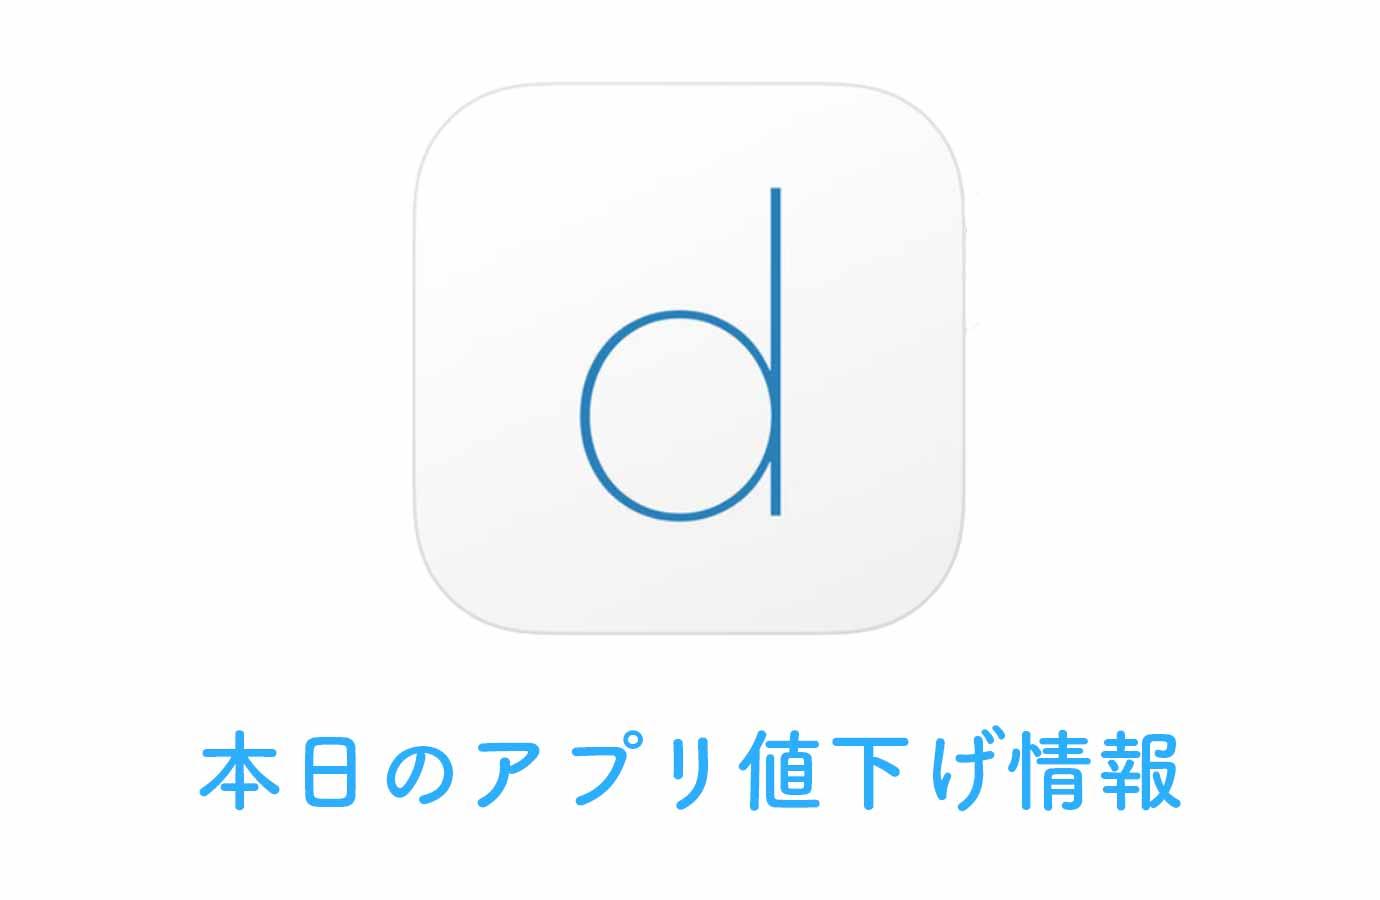 【50%オフ】iPhoneやiPadをMacのセカンドディスプレイにできる「Duet Display」など【12/21】アプリ値下げ情報